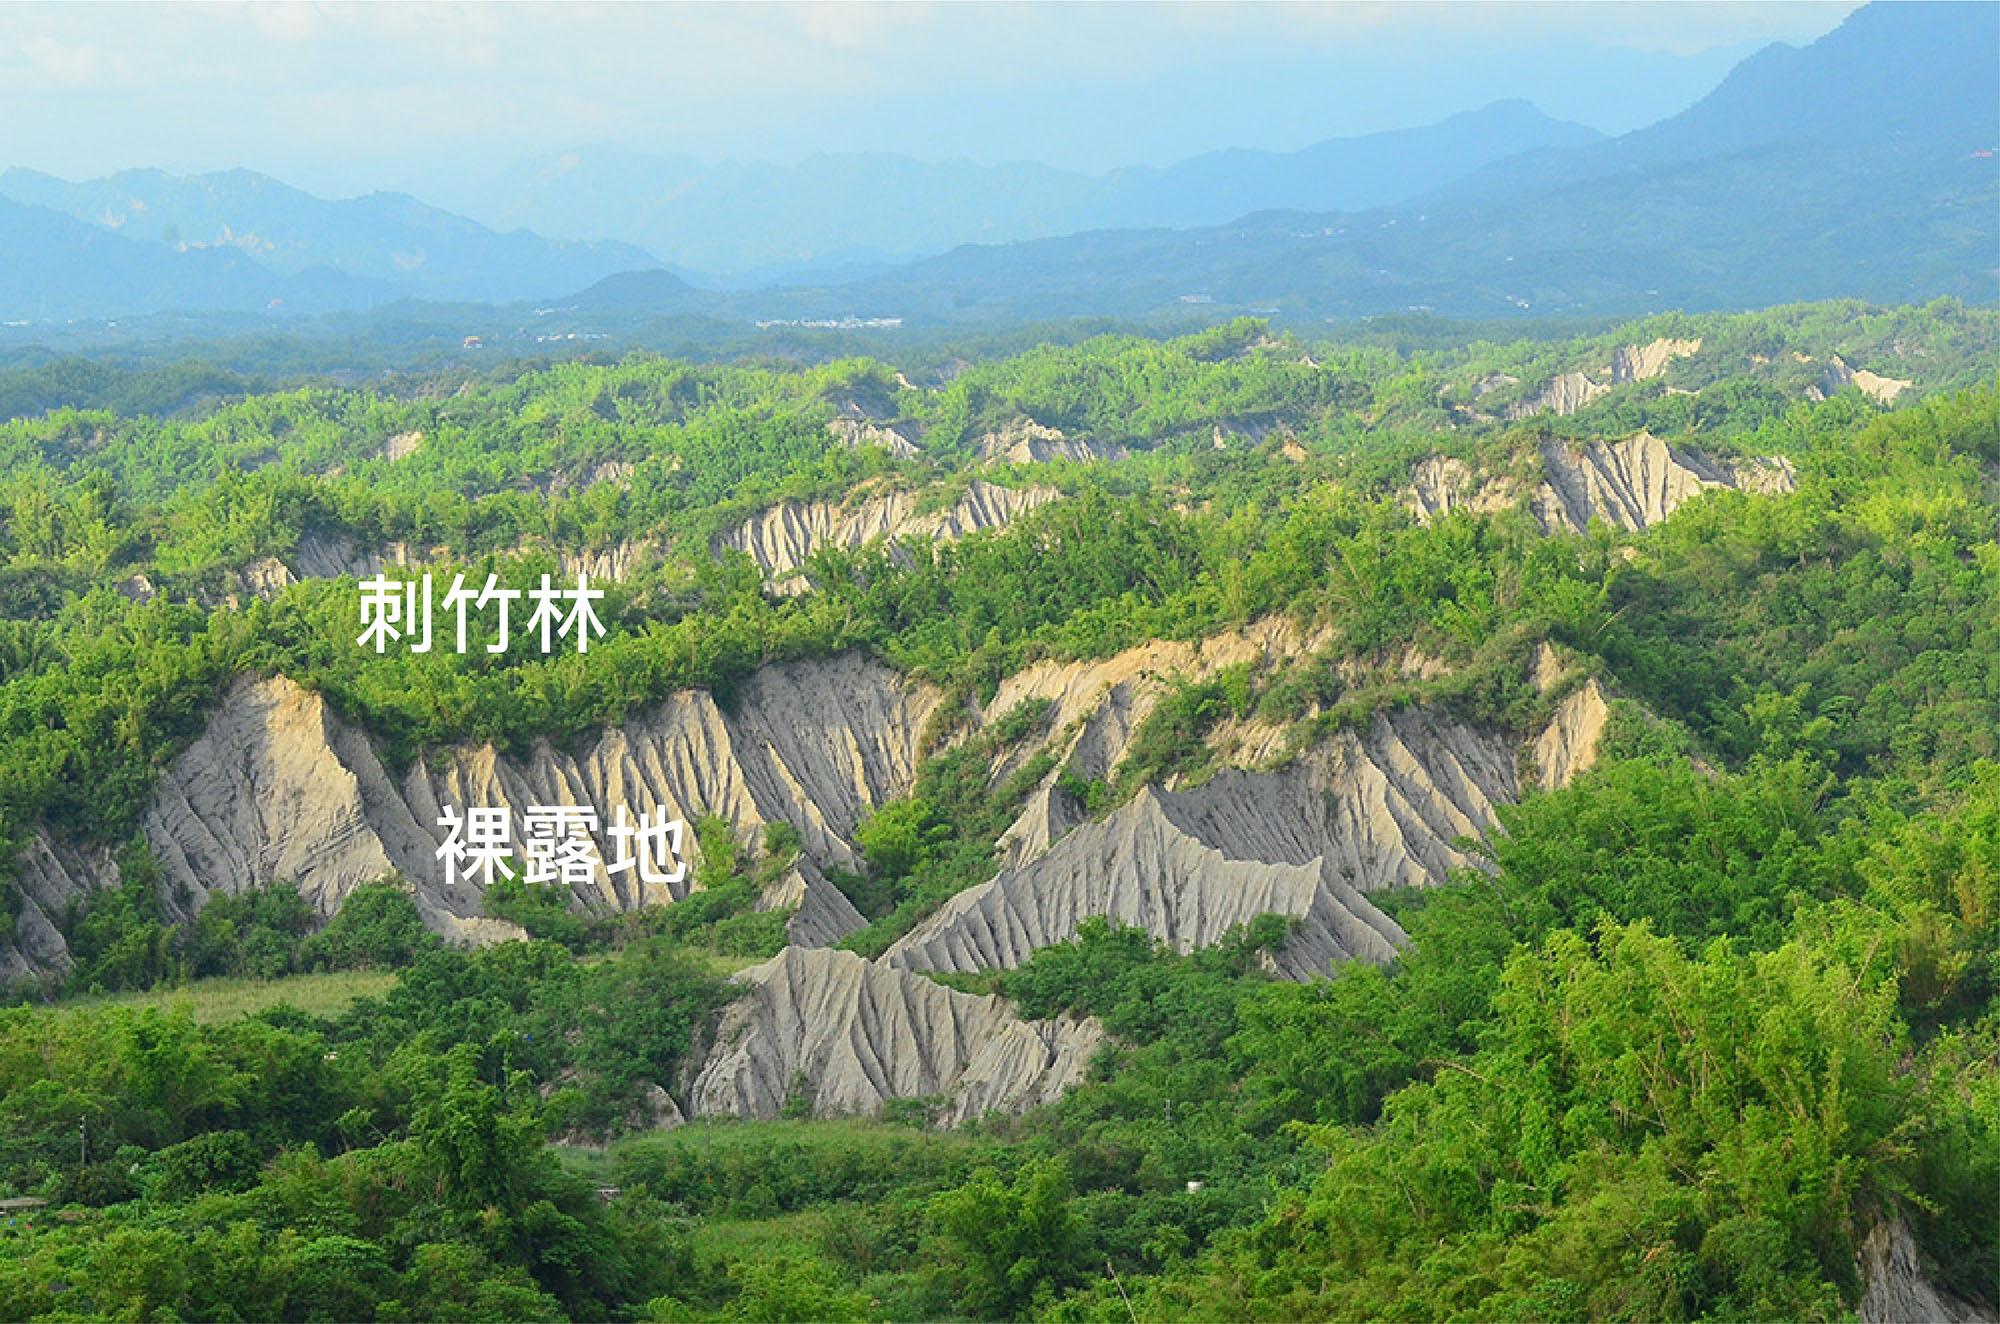 臺南左鎮的月世界。北向坡長滿綠意盎然的刺竹林,向陽乾燥的南向坡則維持裸露地。 圖片來源│邱志郁